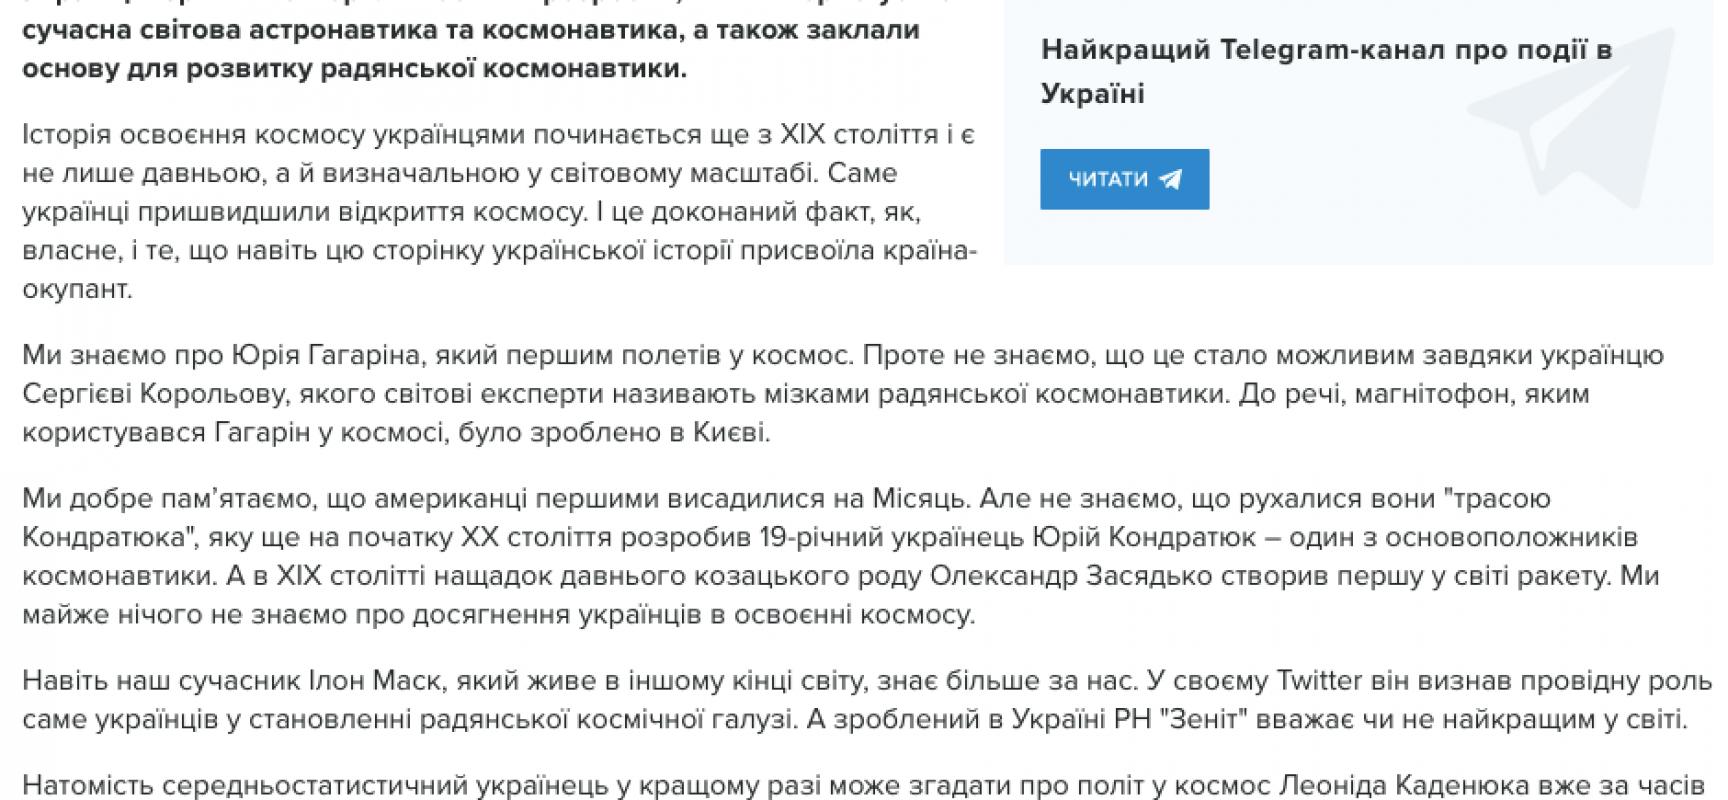 Фейк: От космического будущего Украины осталось только советское прошлое